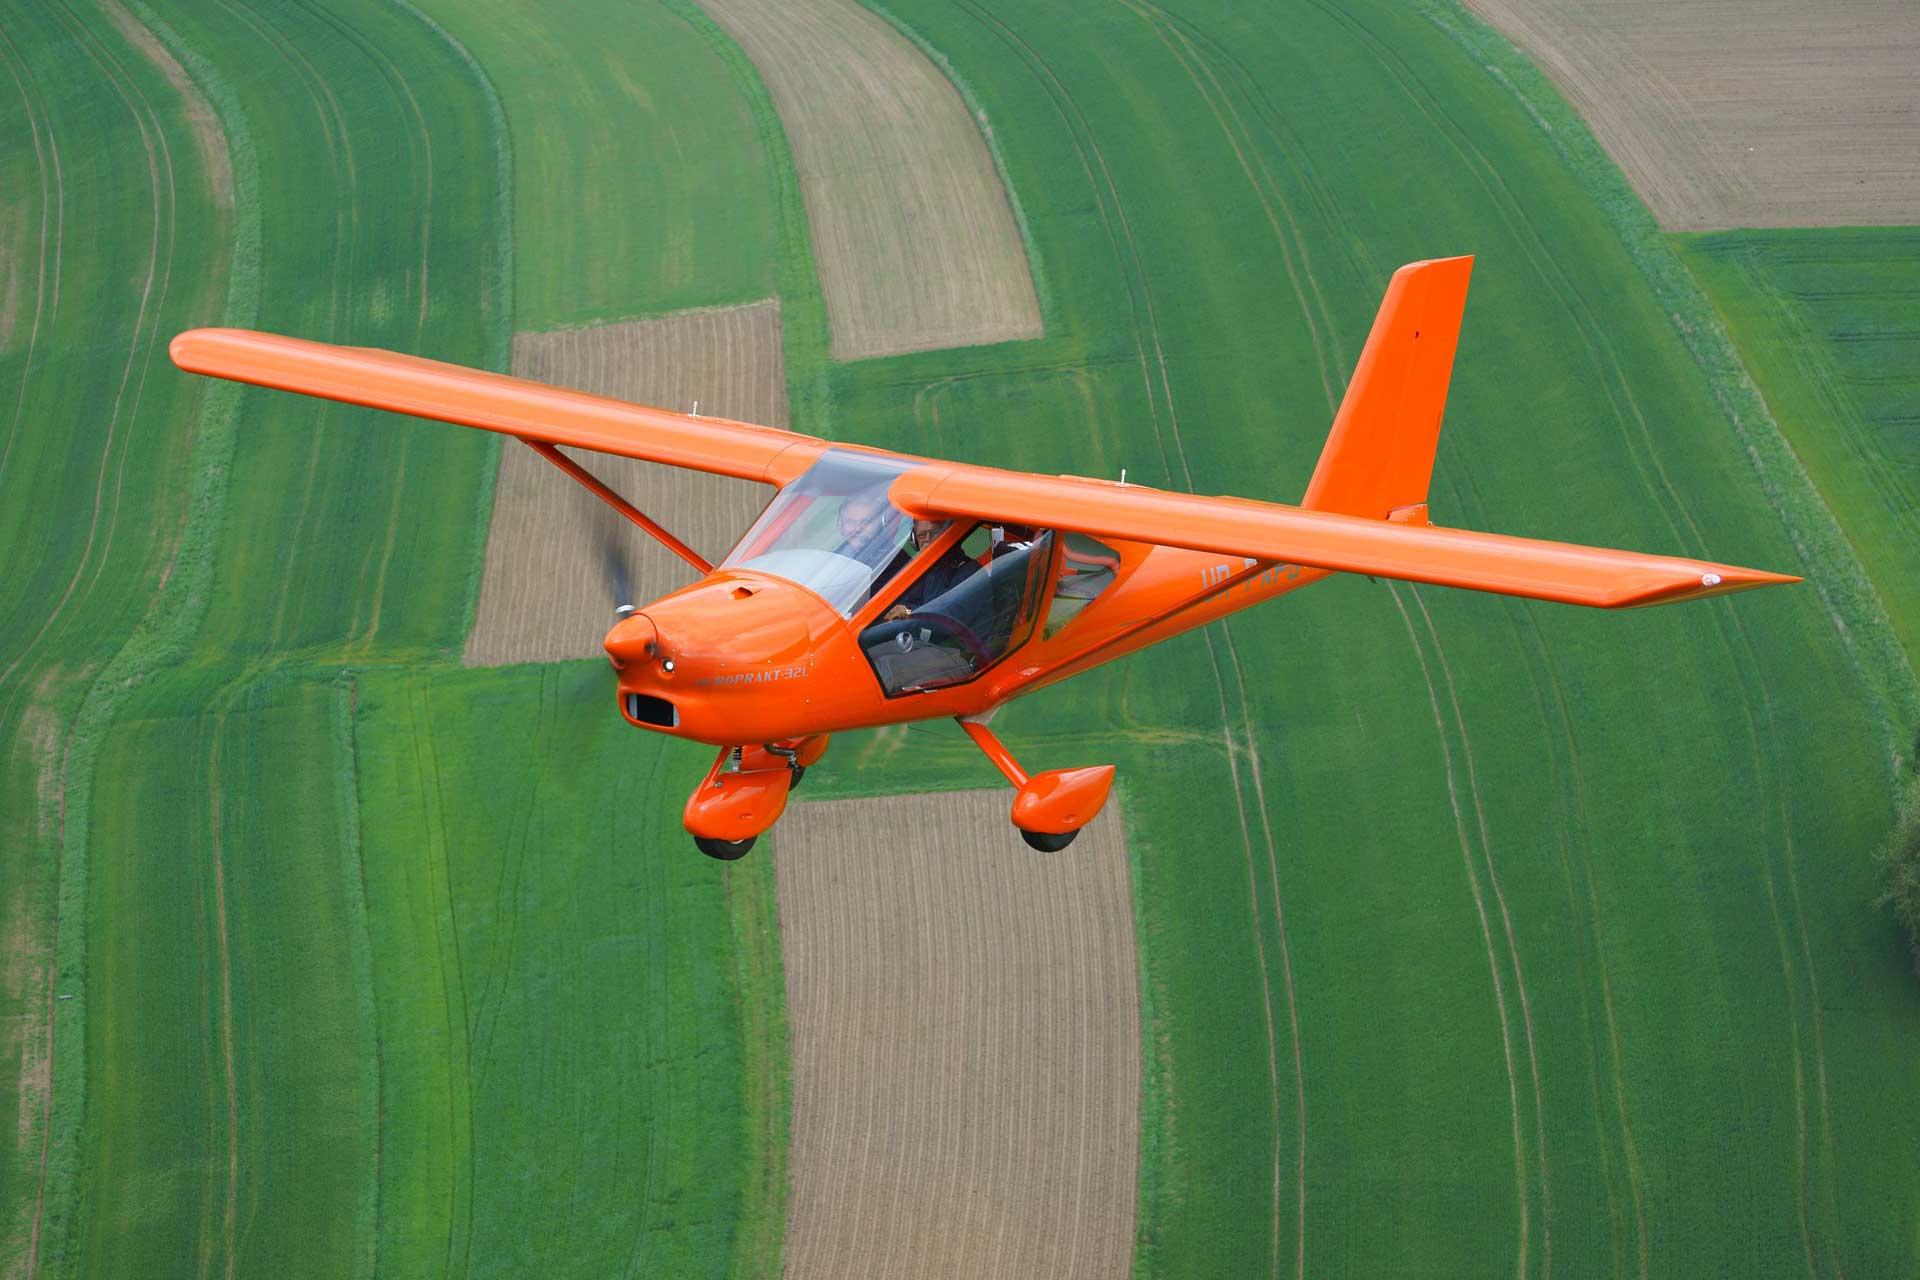 AEROPRAKT et ATEC Aircraft autorisés avec une masse maximale au décollage de 525 kg* !